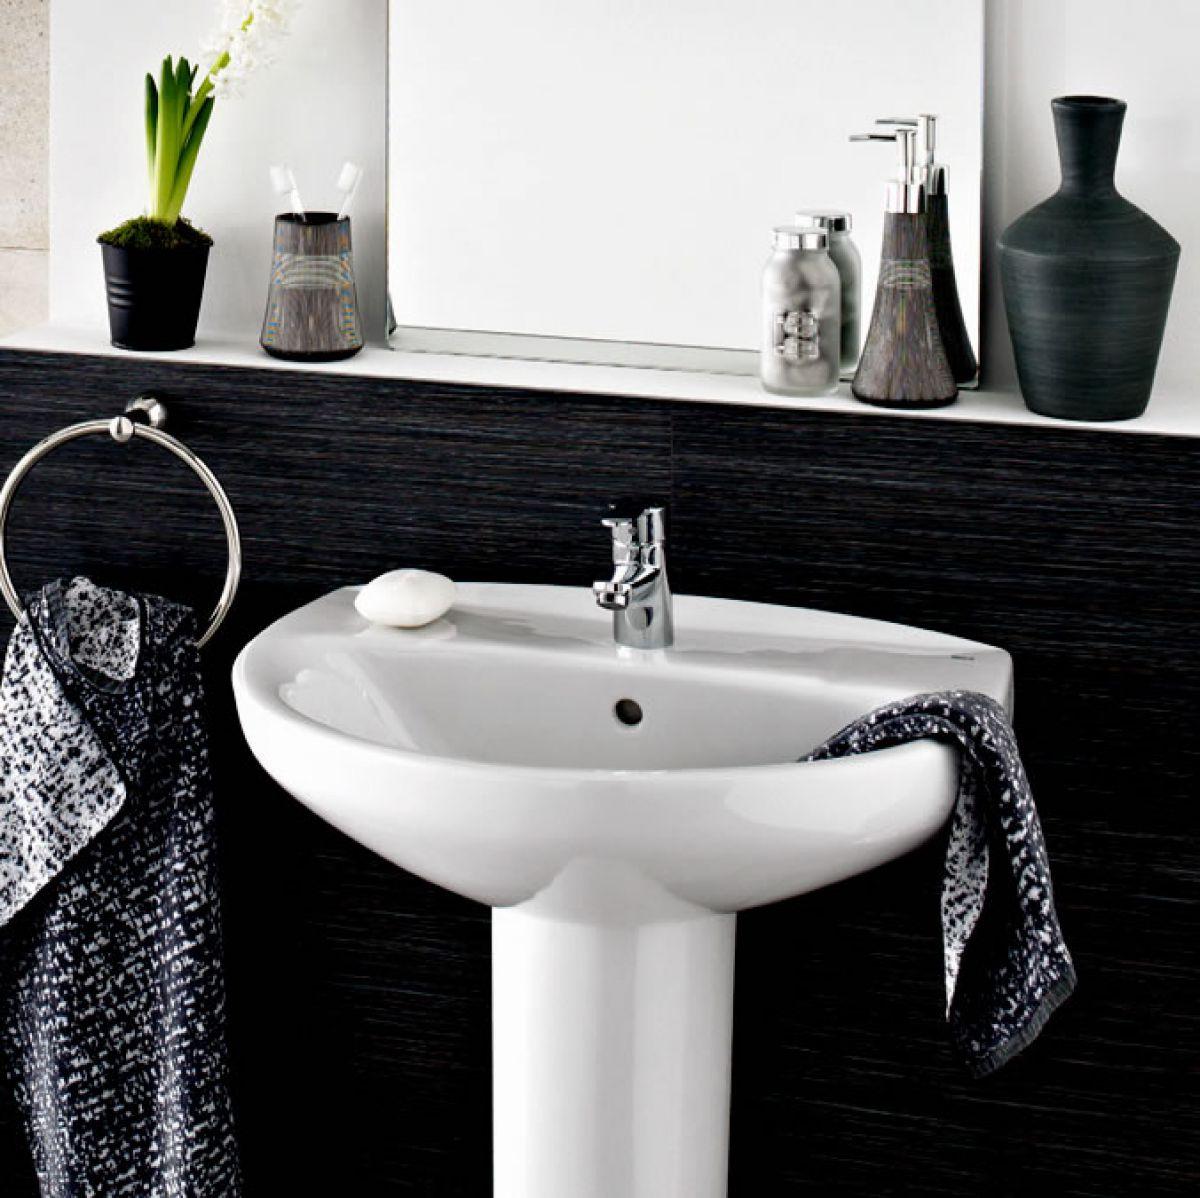 Roca Laura Eco Bathroom In A Box Uk Bathrooms